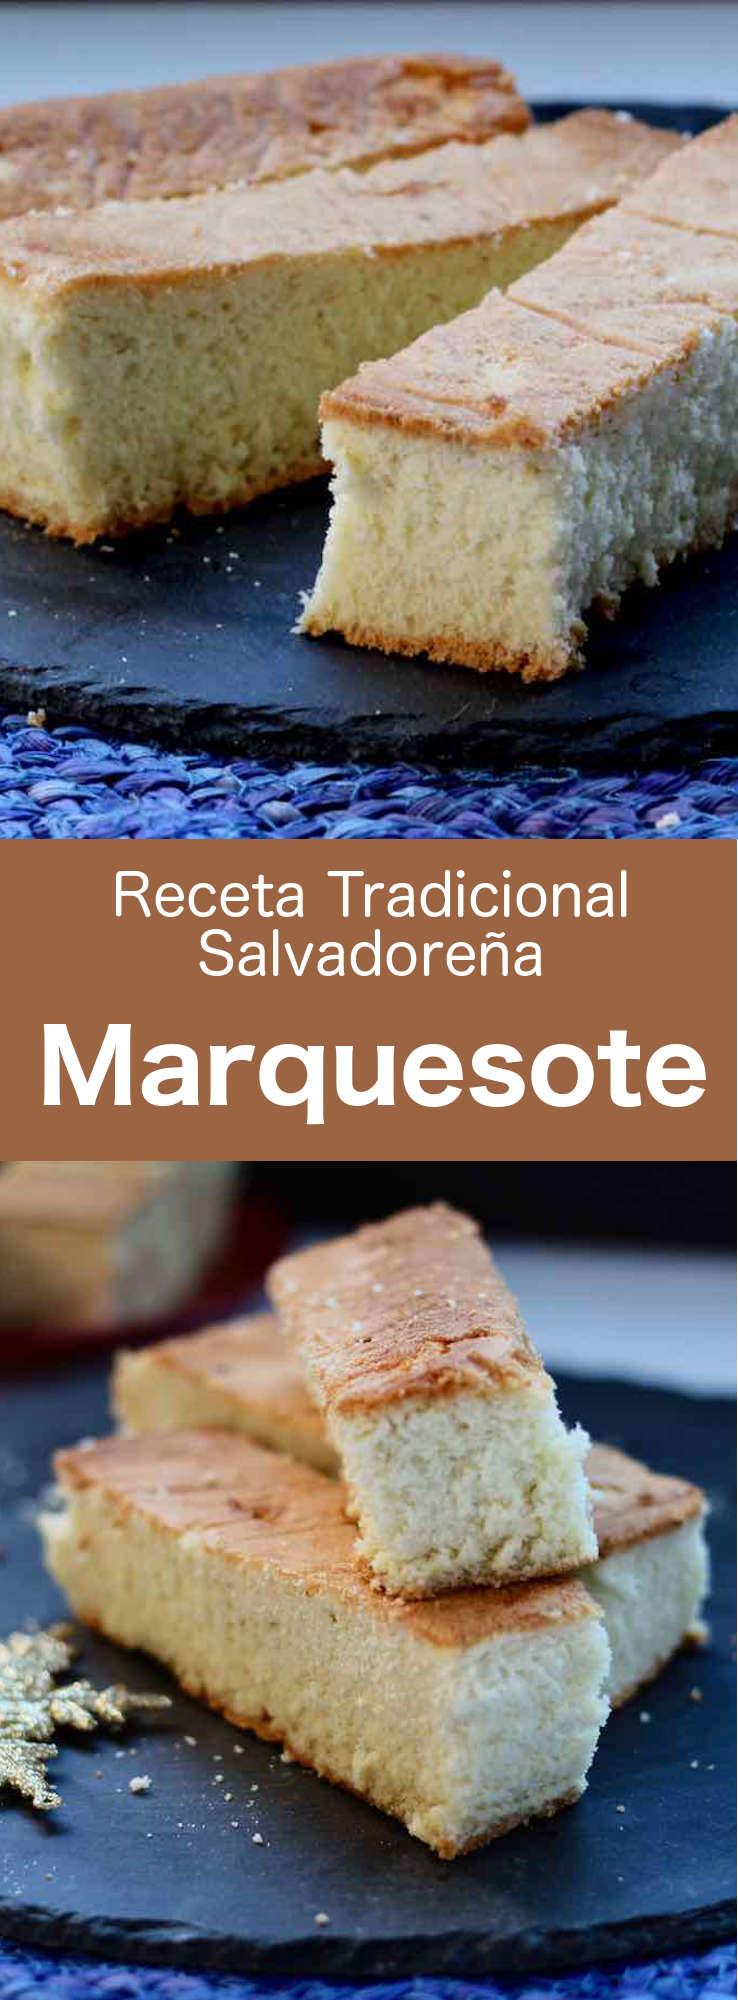 El marquesote es un pastel parecido a un bizcocho genovés tradicional, típico de El Salvador, pero también de México y Honduras.